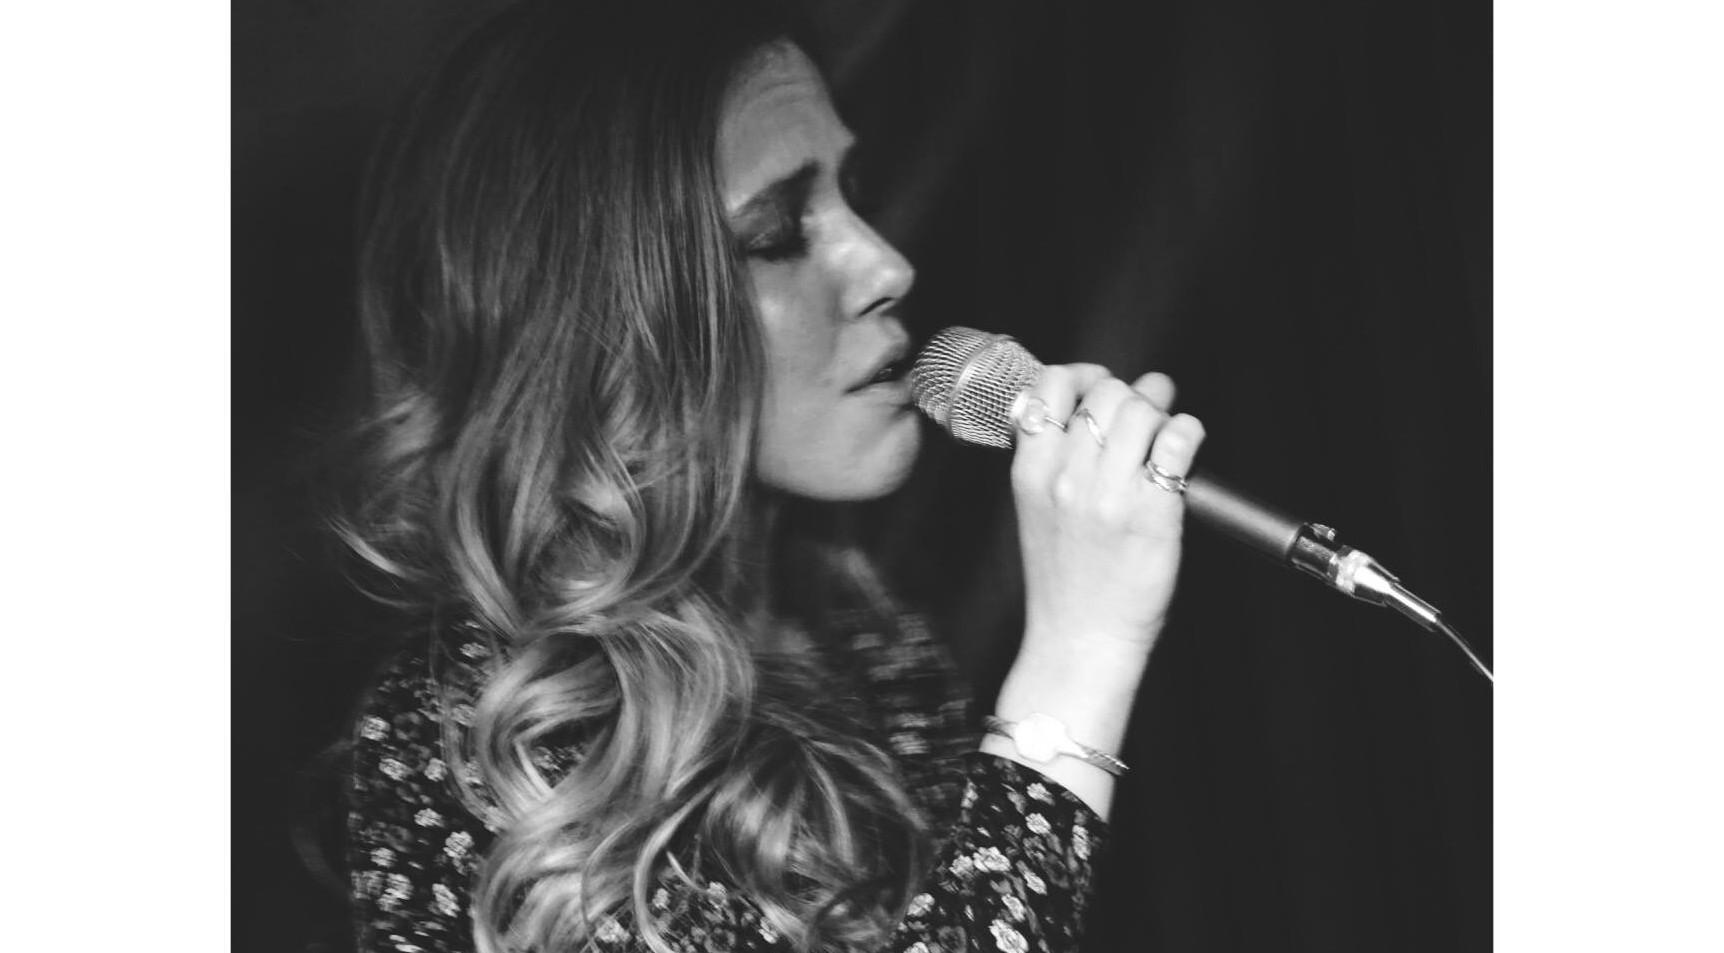 Koncert w Sochaczewie 12.02.2018 zdjecie: Iza Strzelecka